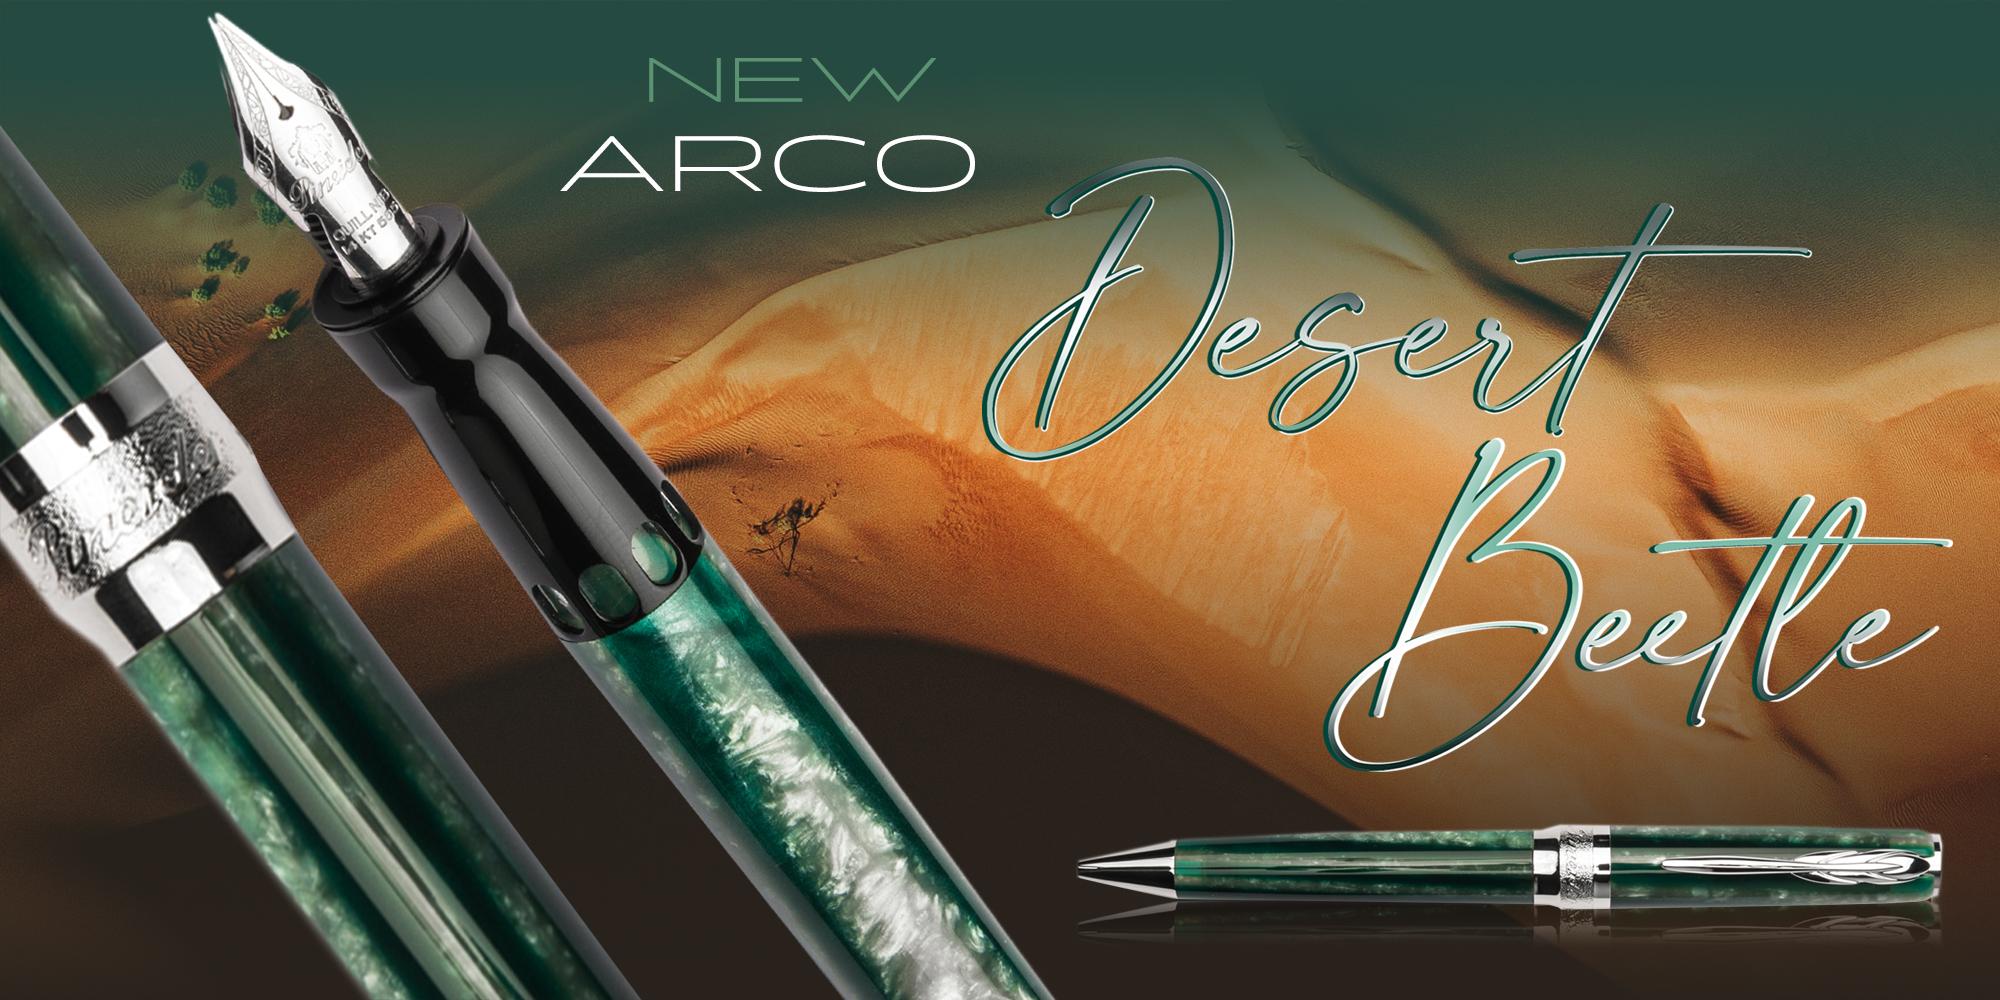 arco-desert-beetle-banner.jpg